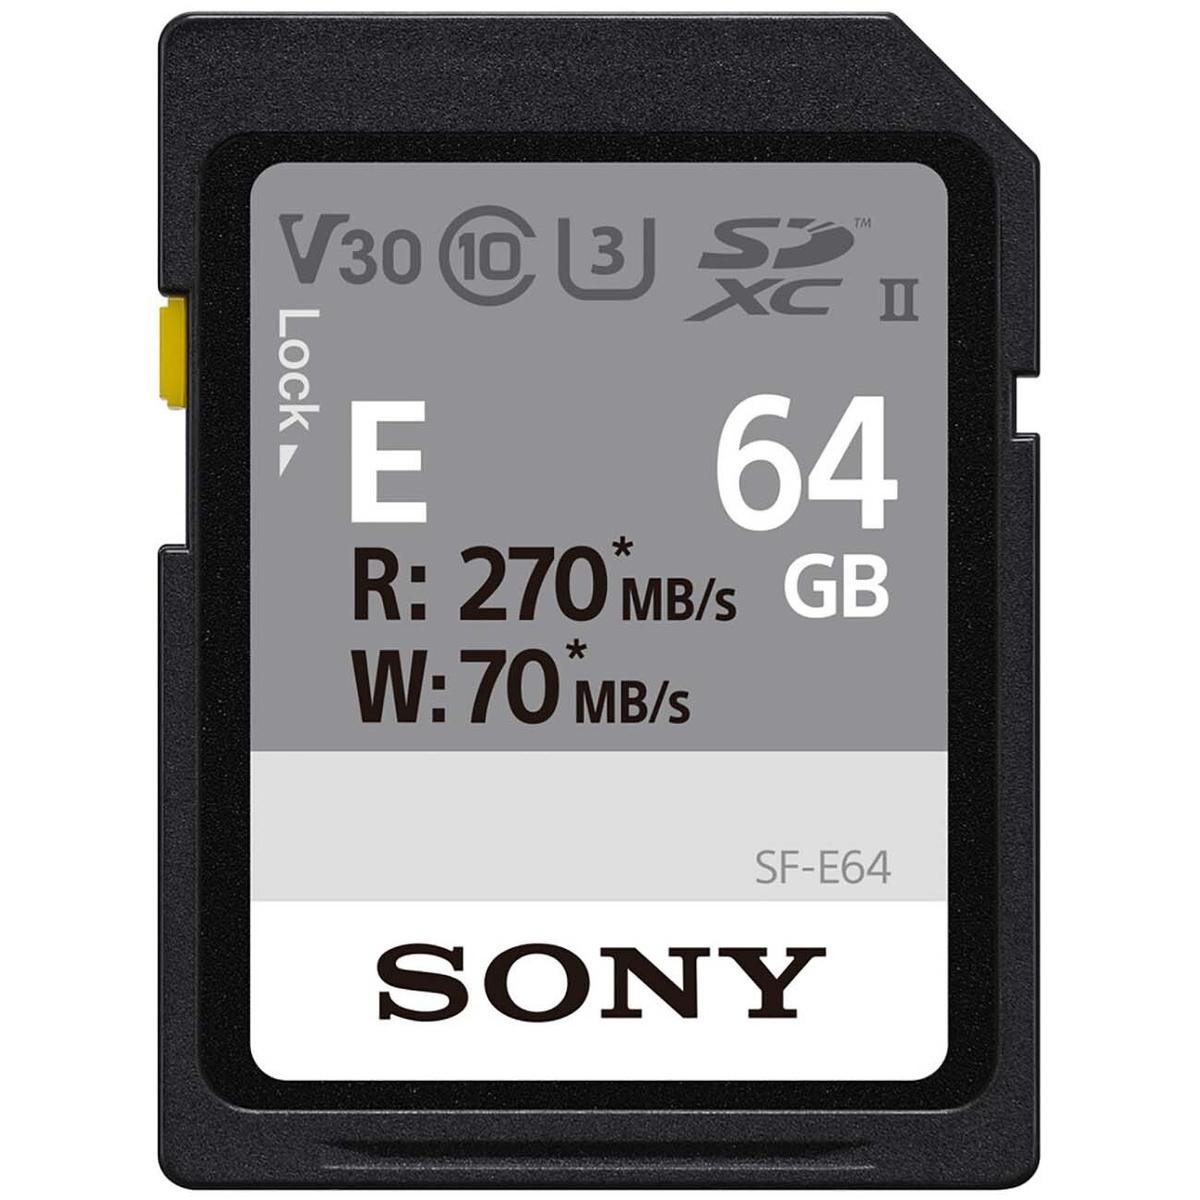 Sony SF-E64 карта памяти SD XC, 64 Гб